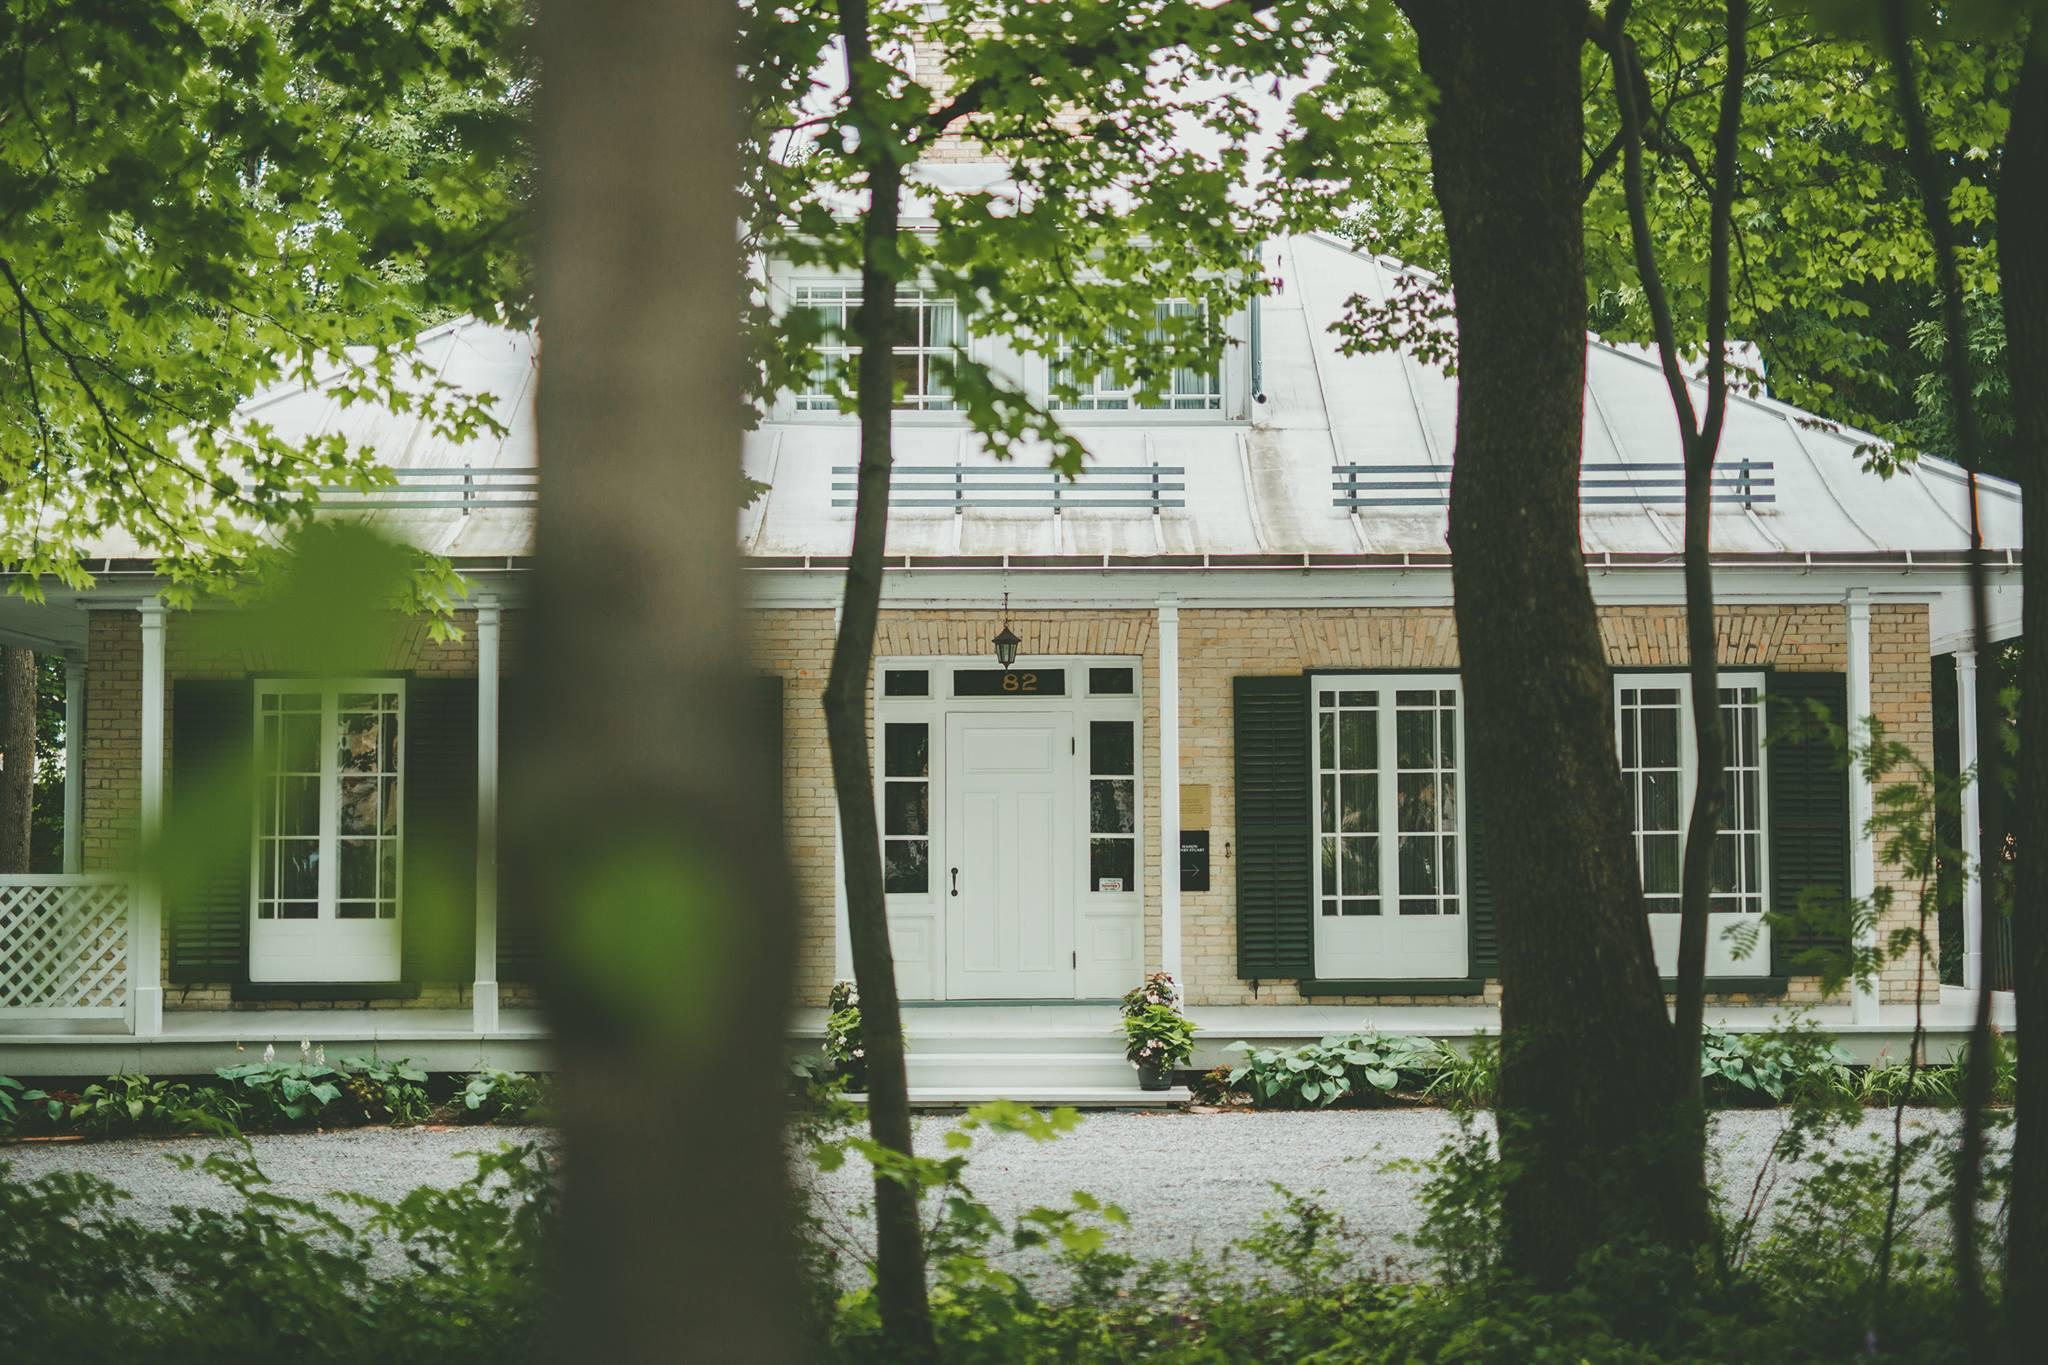 6 juillet 2021 : Visite en extérieur - Nouveau regard sur la maison Henry-Stuart